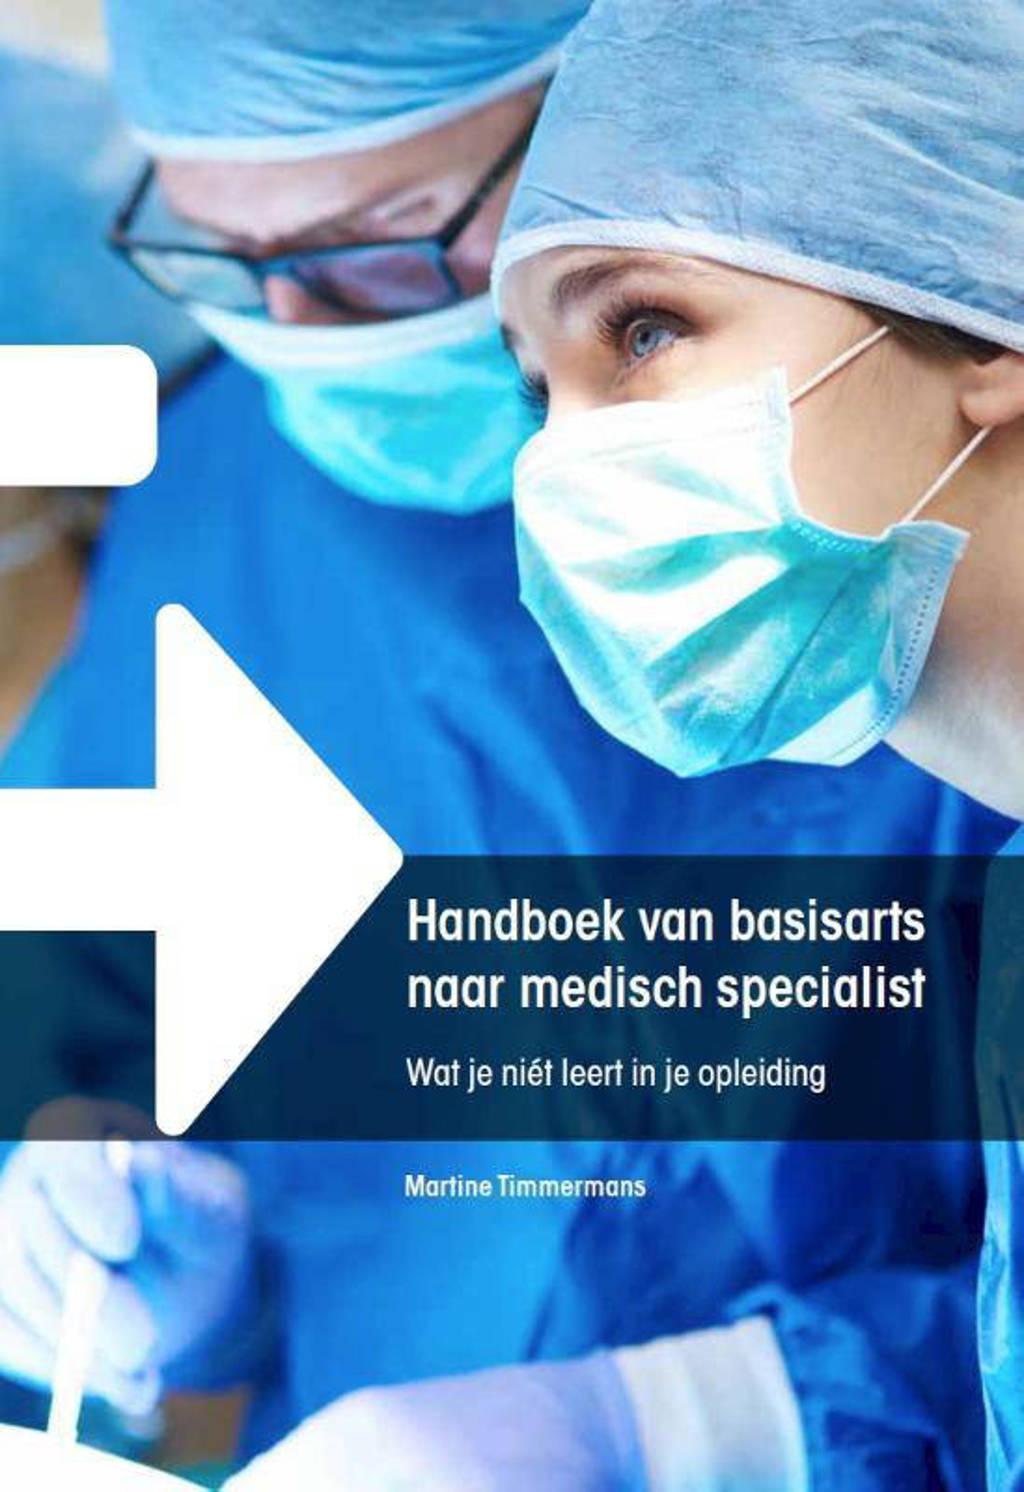 Handboek van basisarts naar medisch specialist - Martine Timmermans